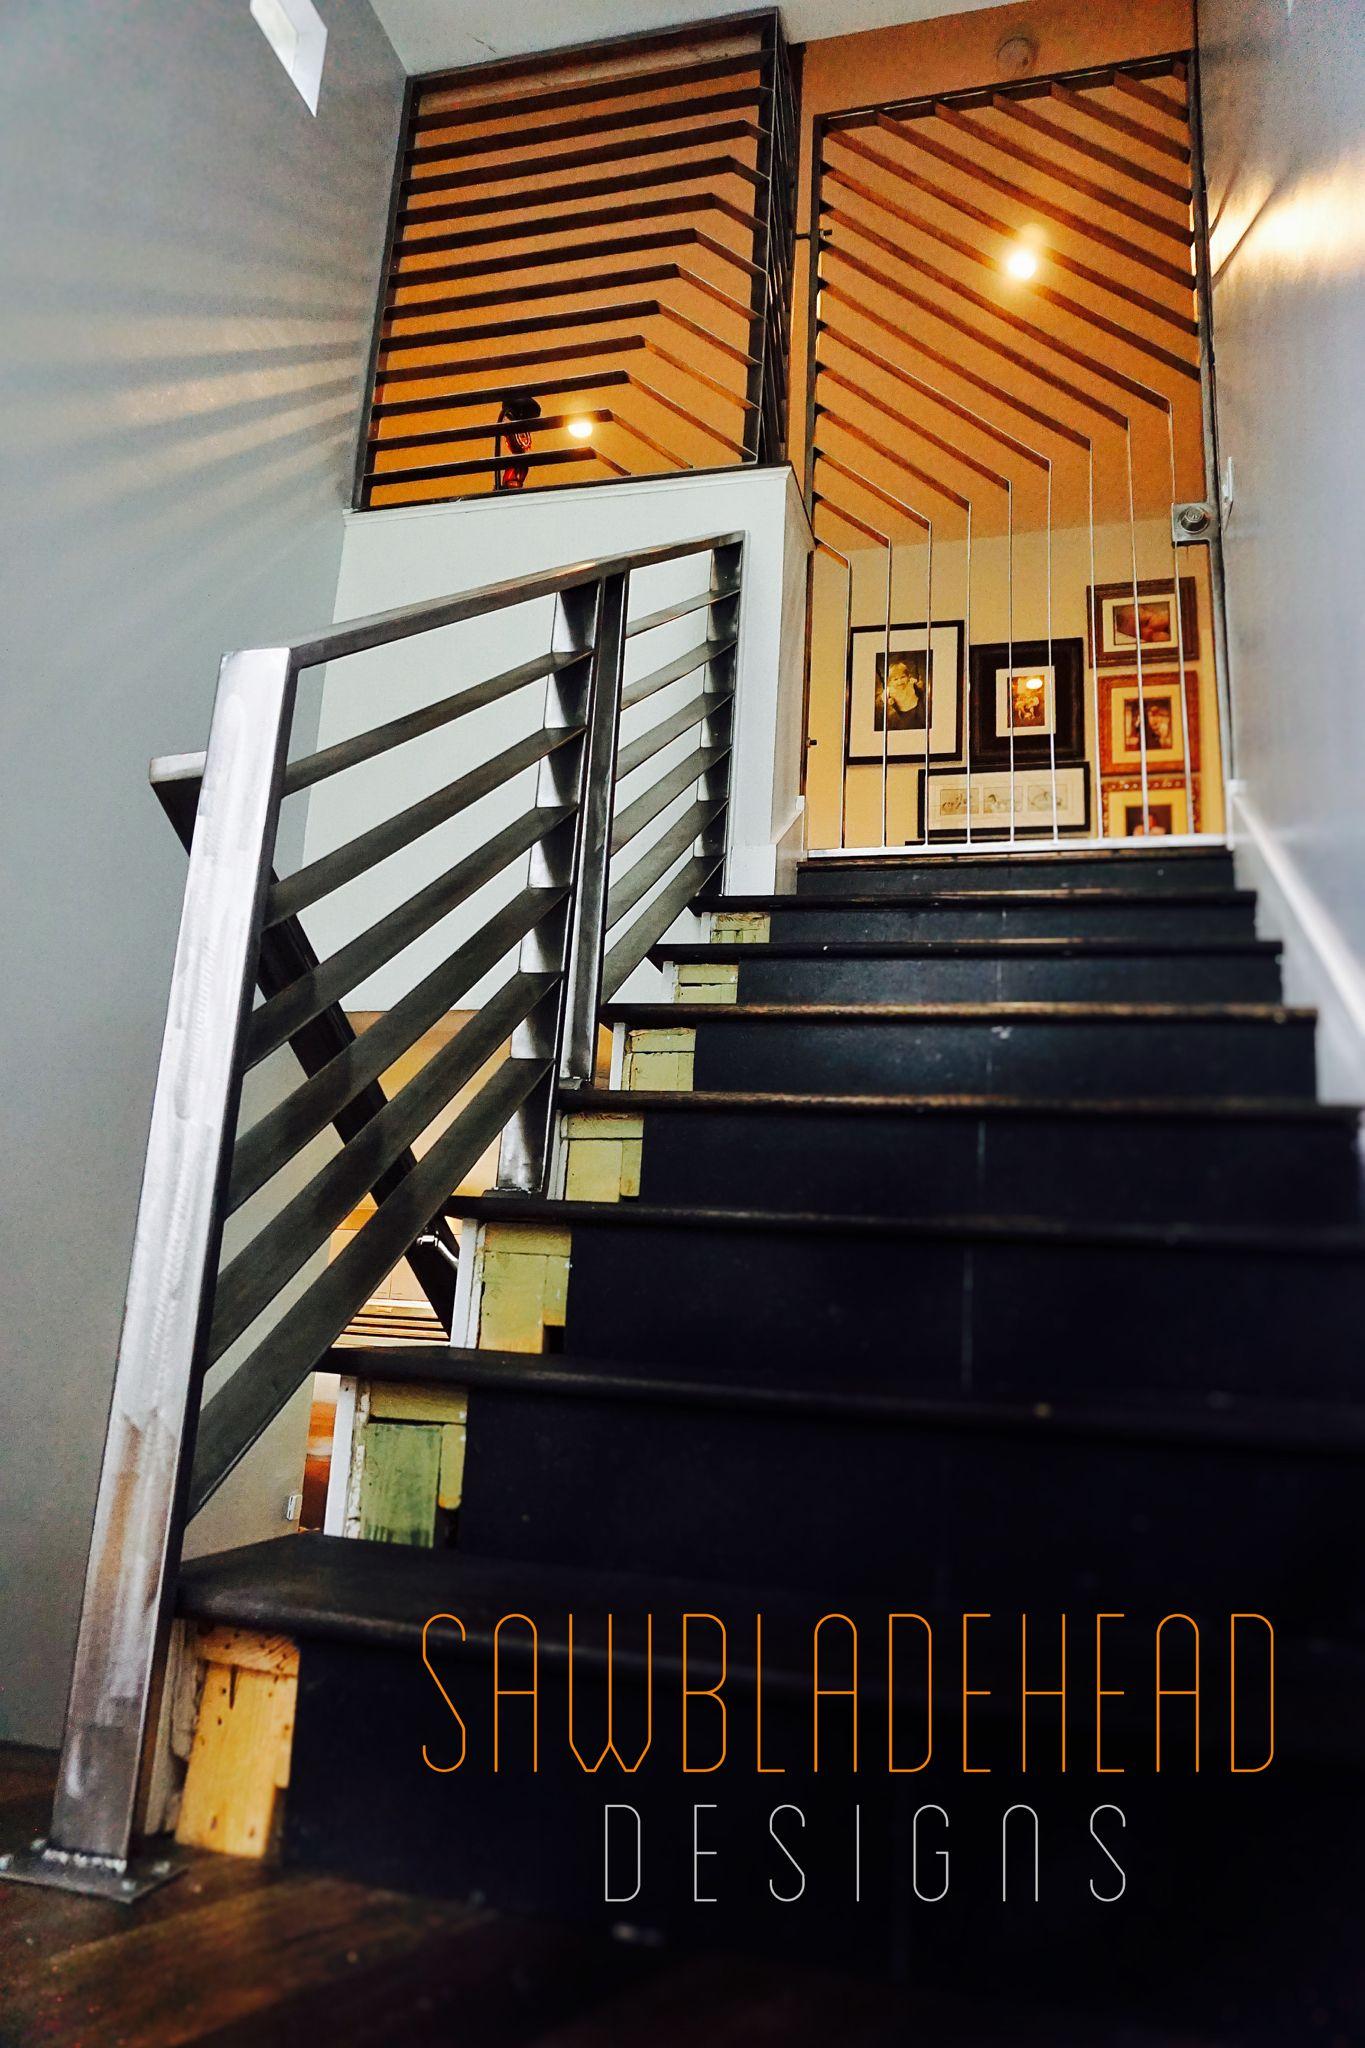 Sawbladehead Designs Works Of Functional Art Brushed Steel Railing, Window